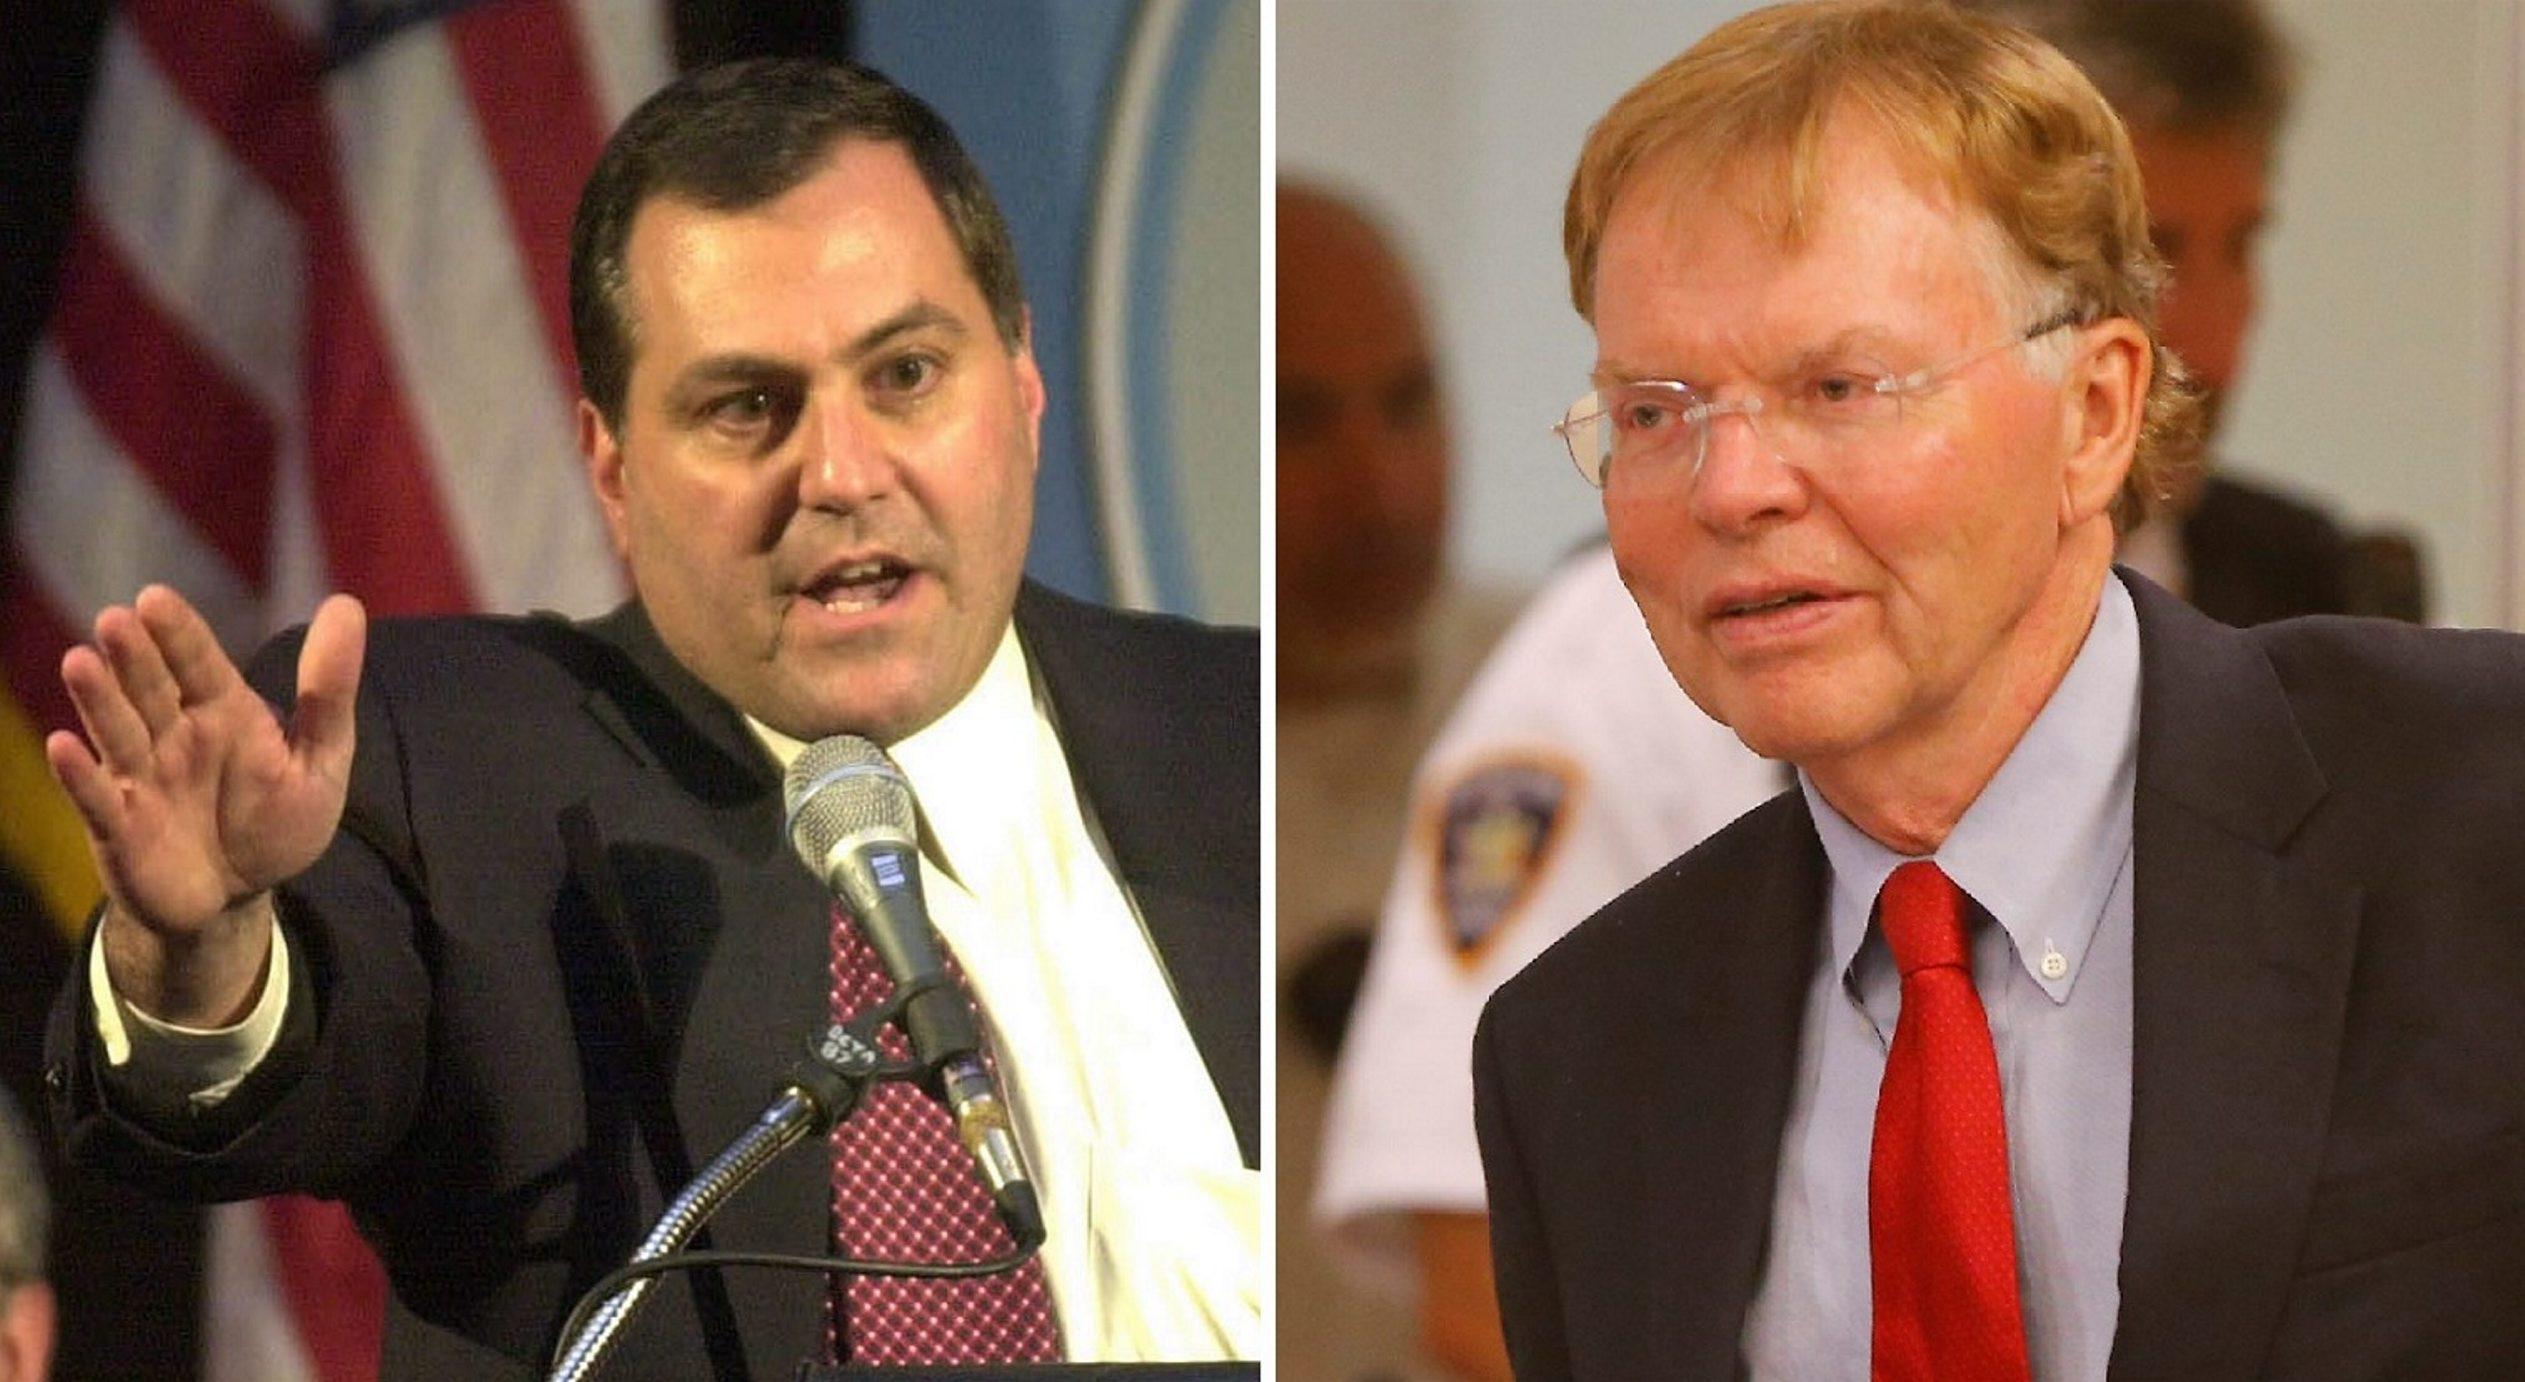 Evidence shows tangled web involving judge, 'Unc Steve'